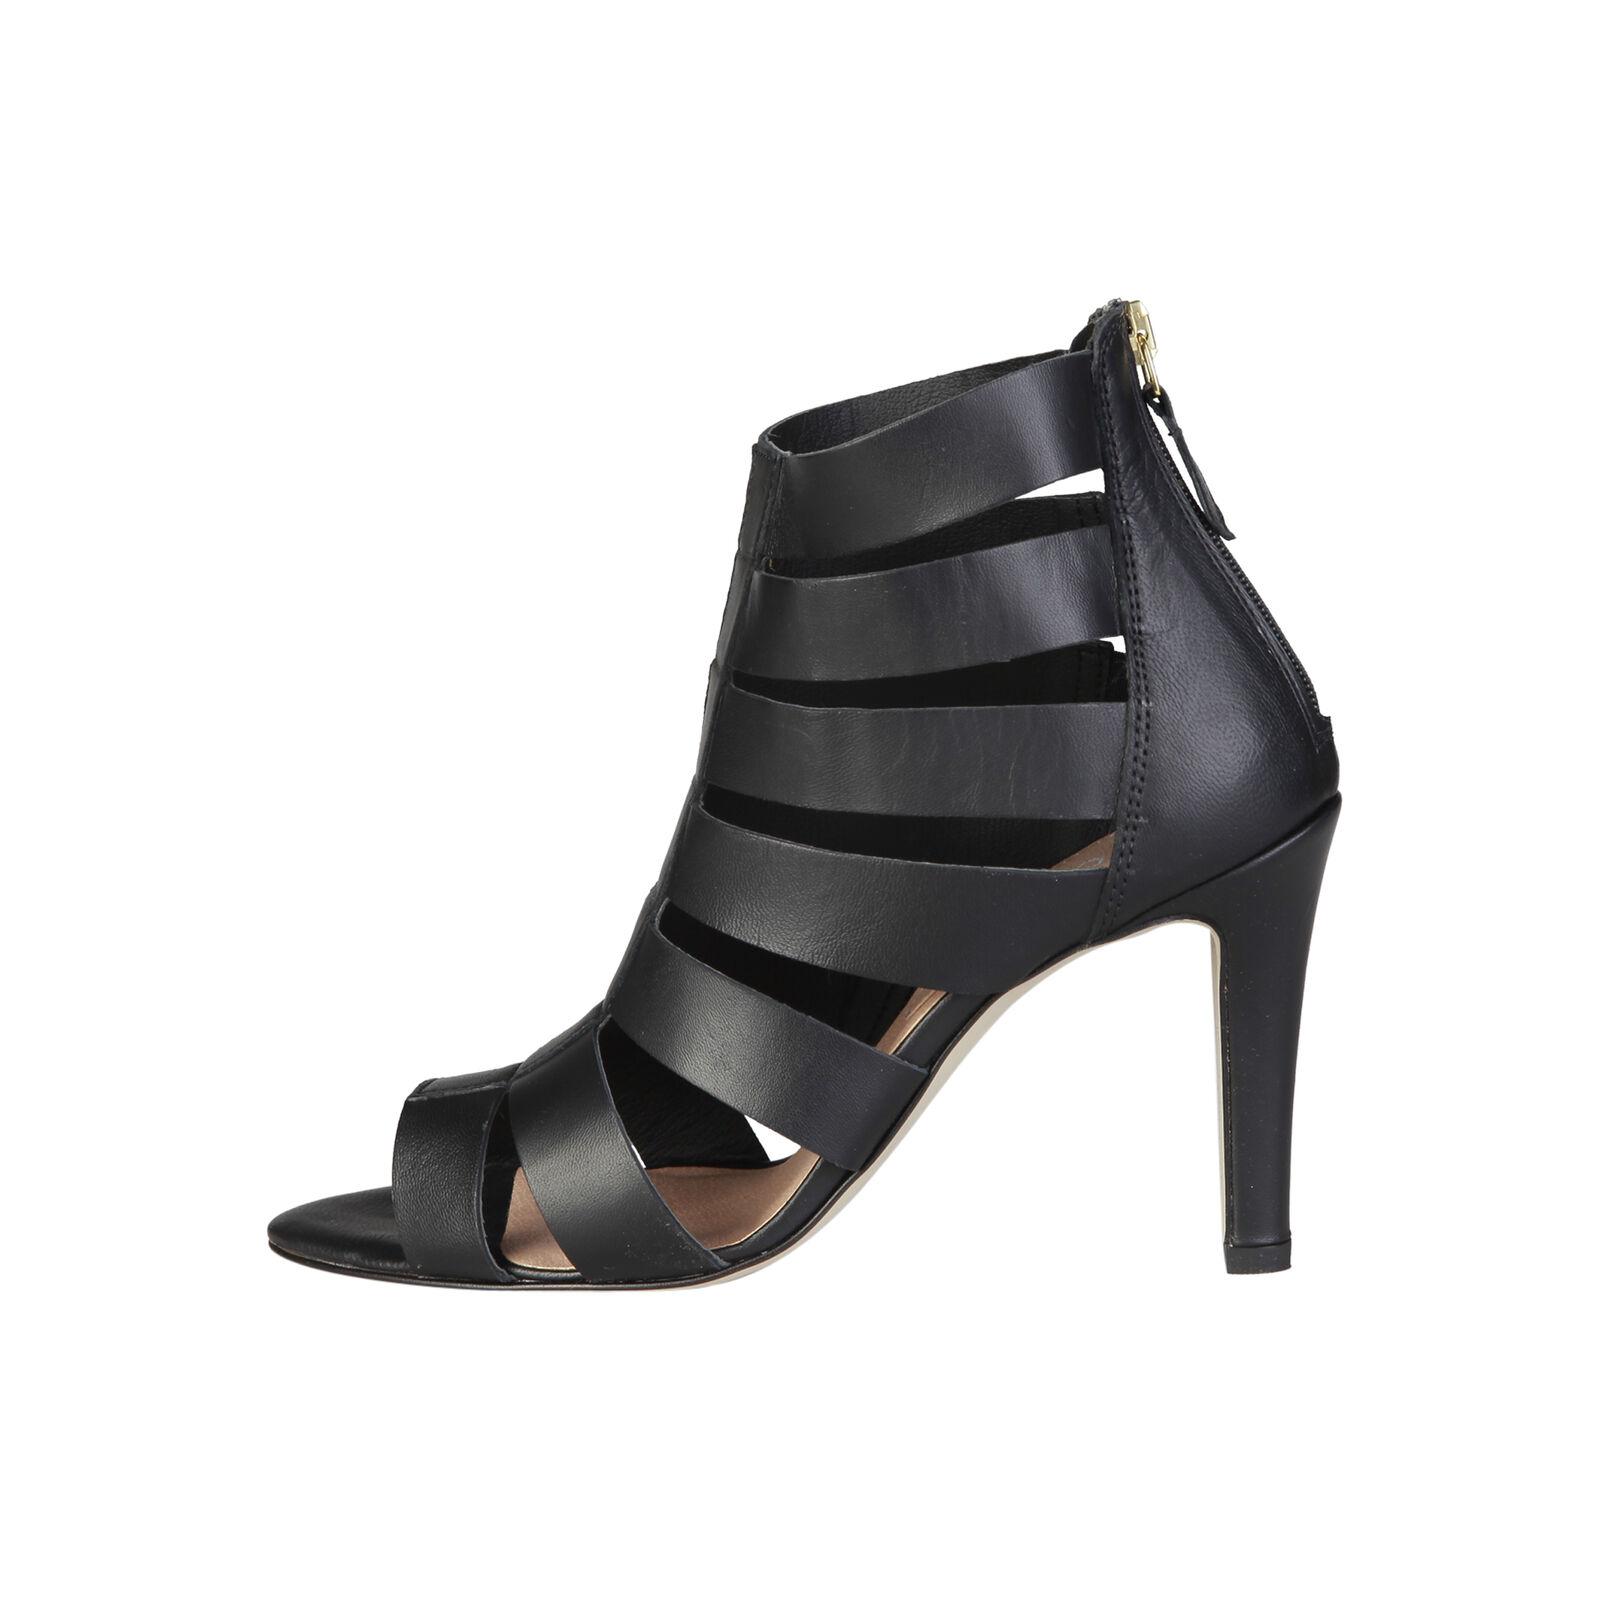 Pierre Cardin Damen Schuhe Sandaletten High Heels Stilettos Echtleder Gr. 37 NEU